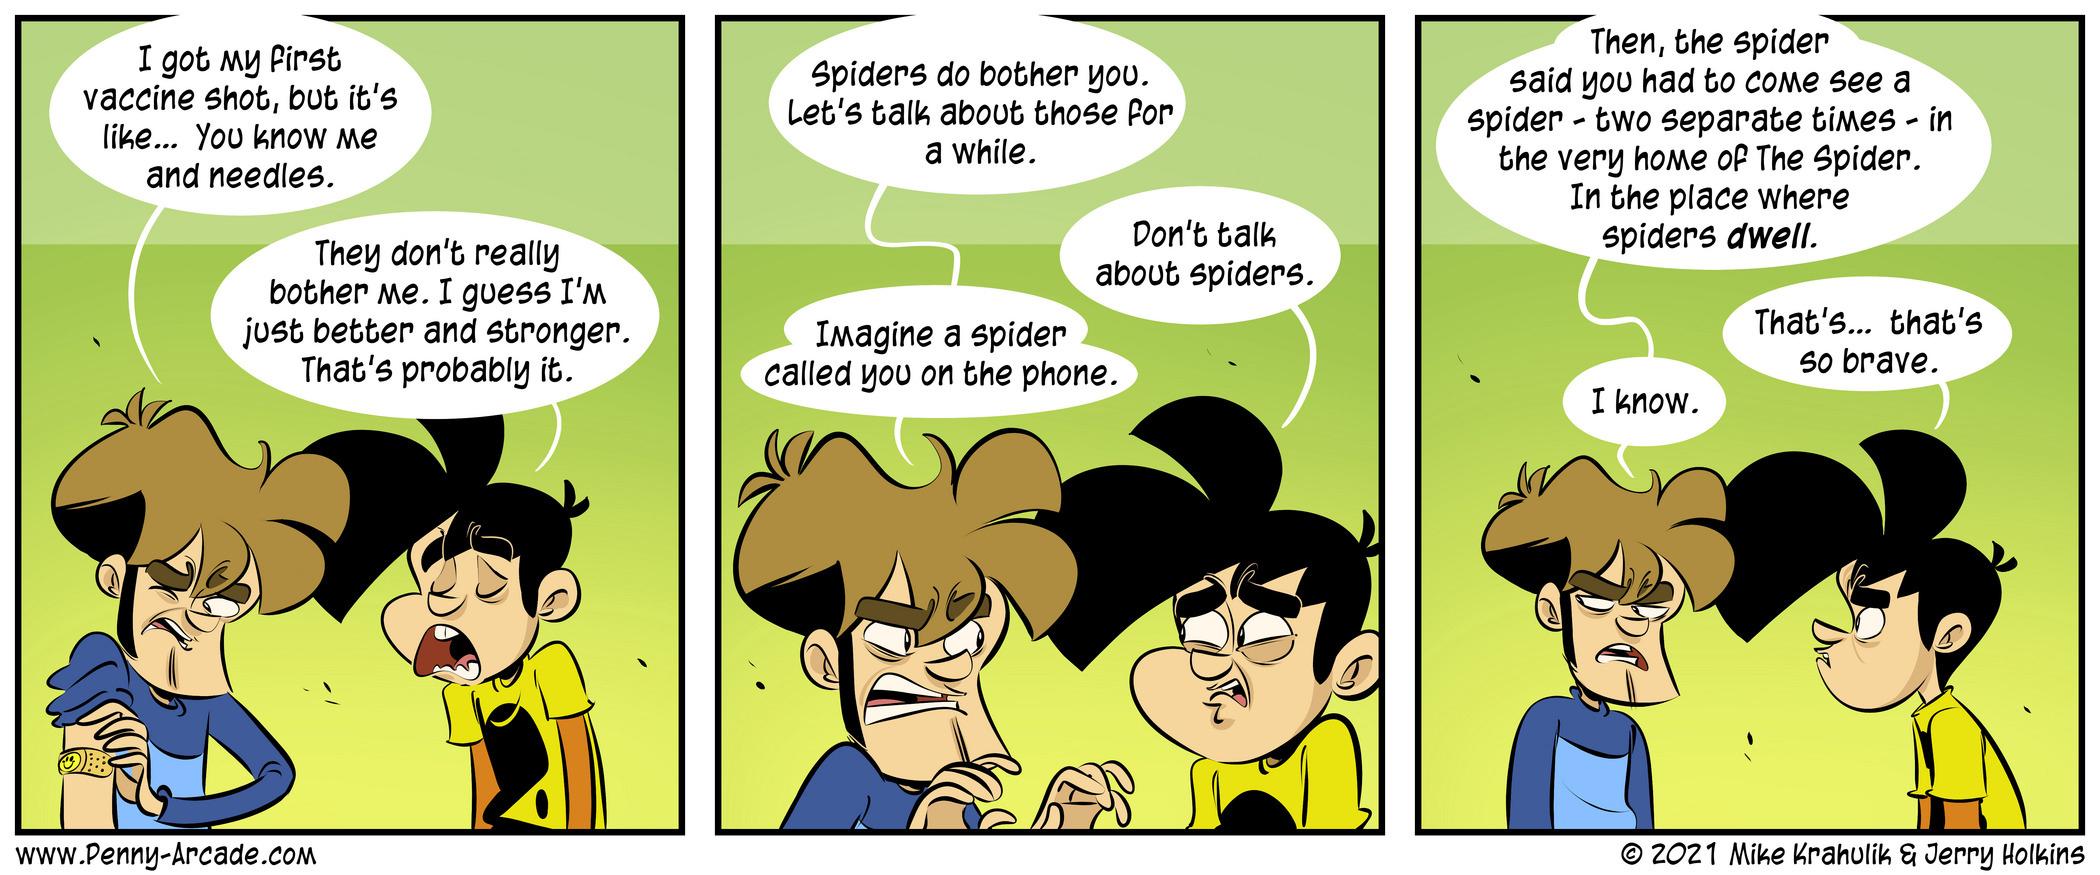 Spidershot-Comics